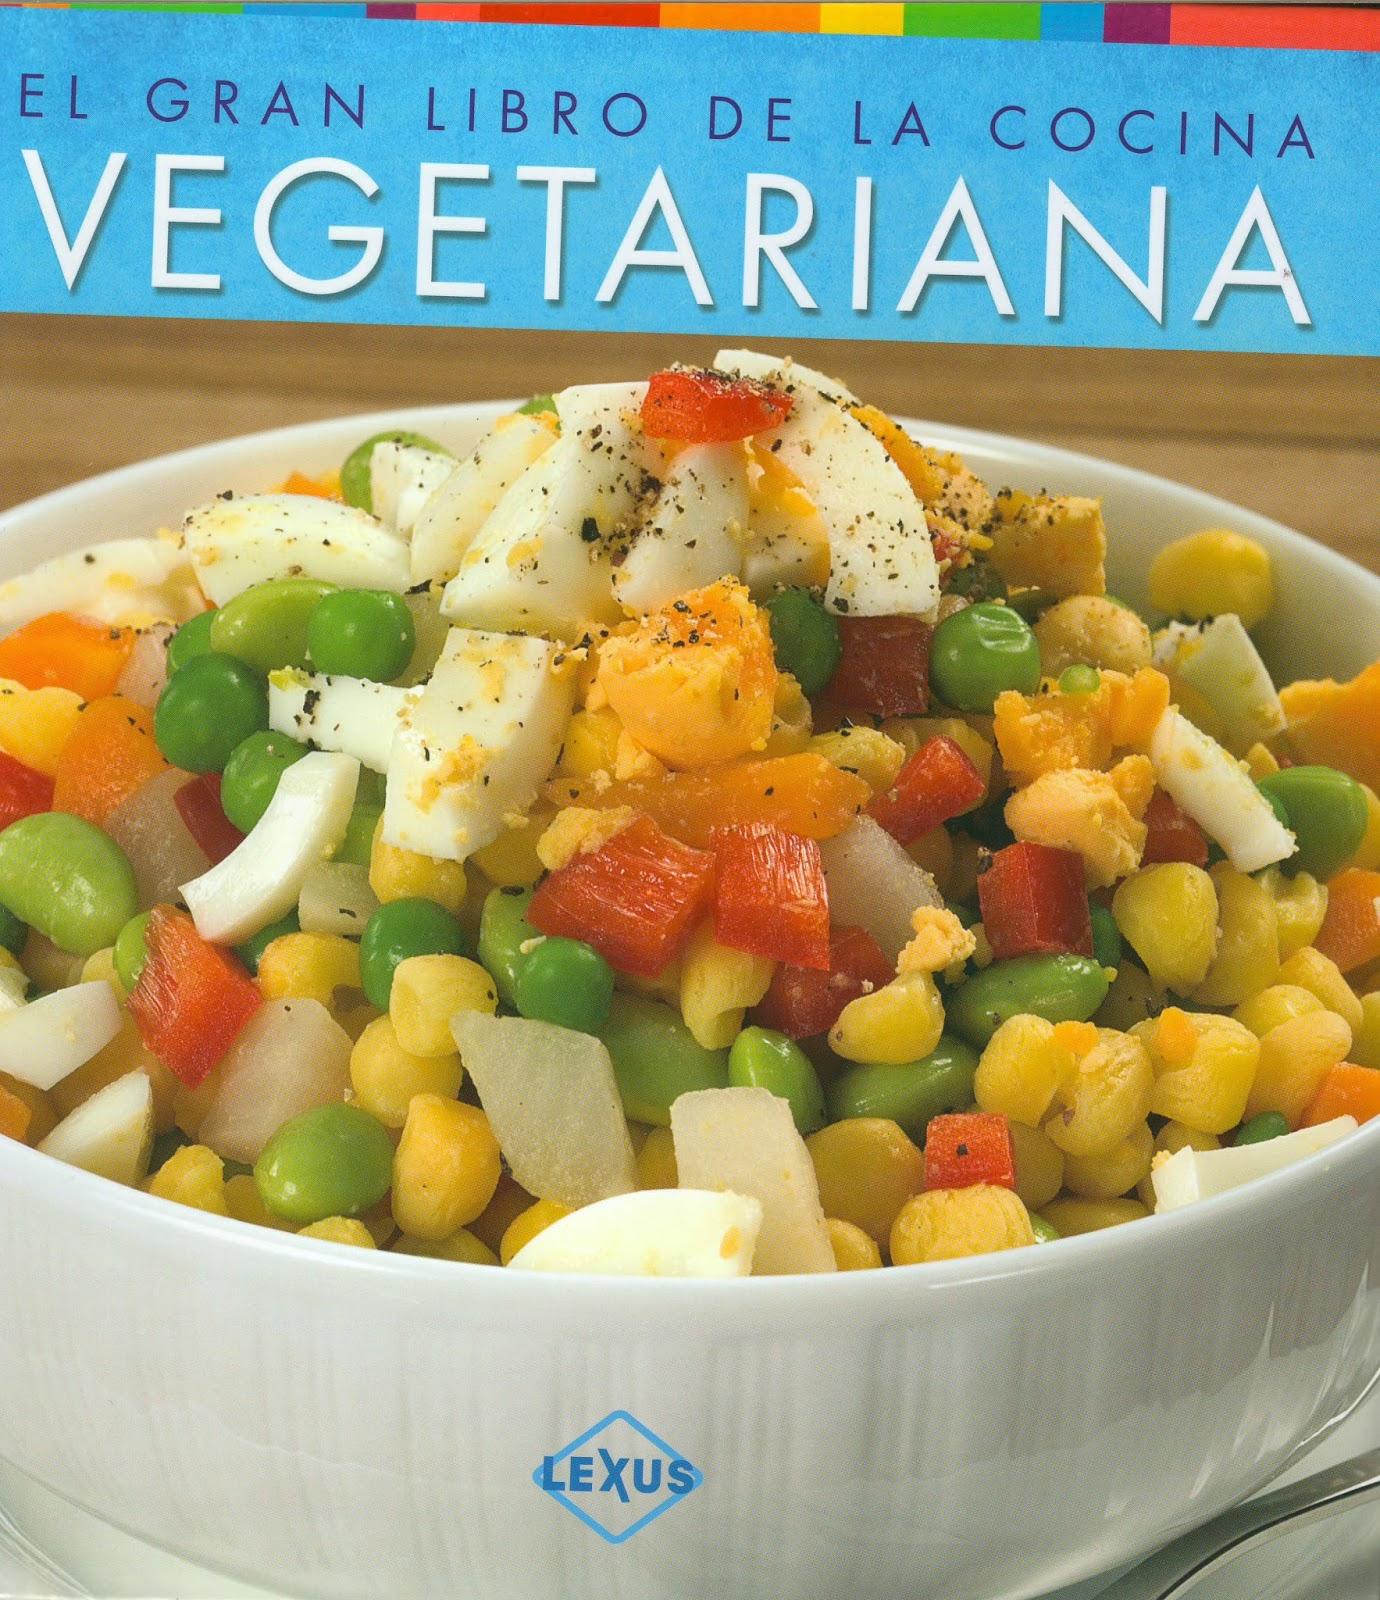 Bolet n nuevas adquisiciones biblioteca unphu el gran for Blogs cocina vegetariana